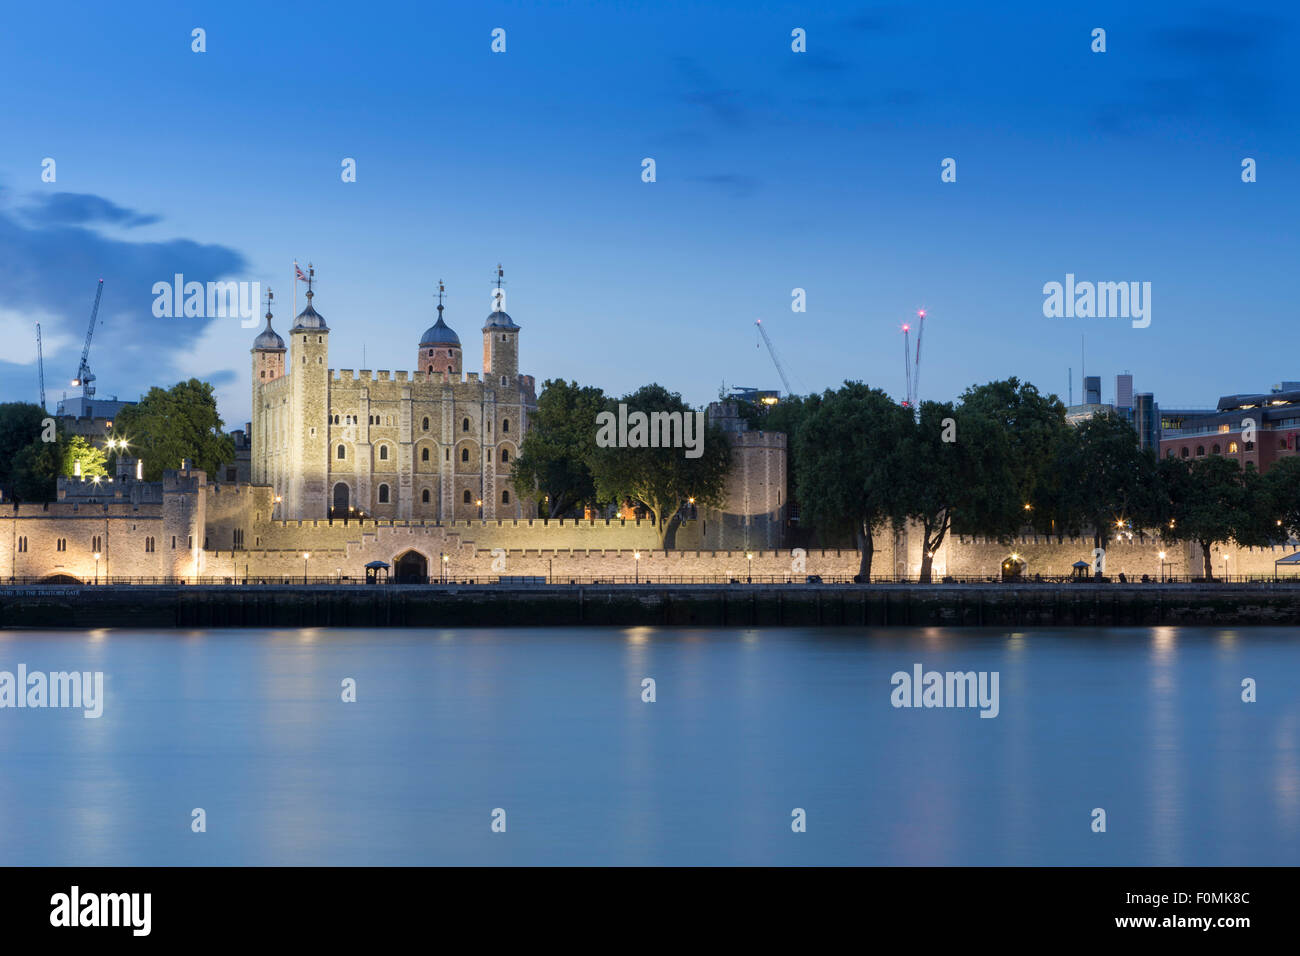 La Torre de Londres, Londres castillo medieval, el palacio real y la prisión en Londres, Inglaterra Imagen De Stock